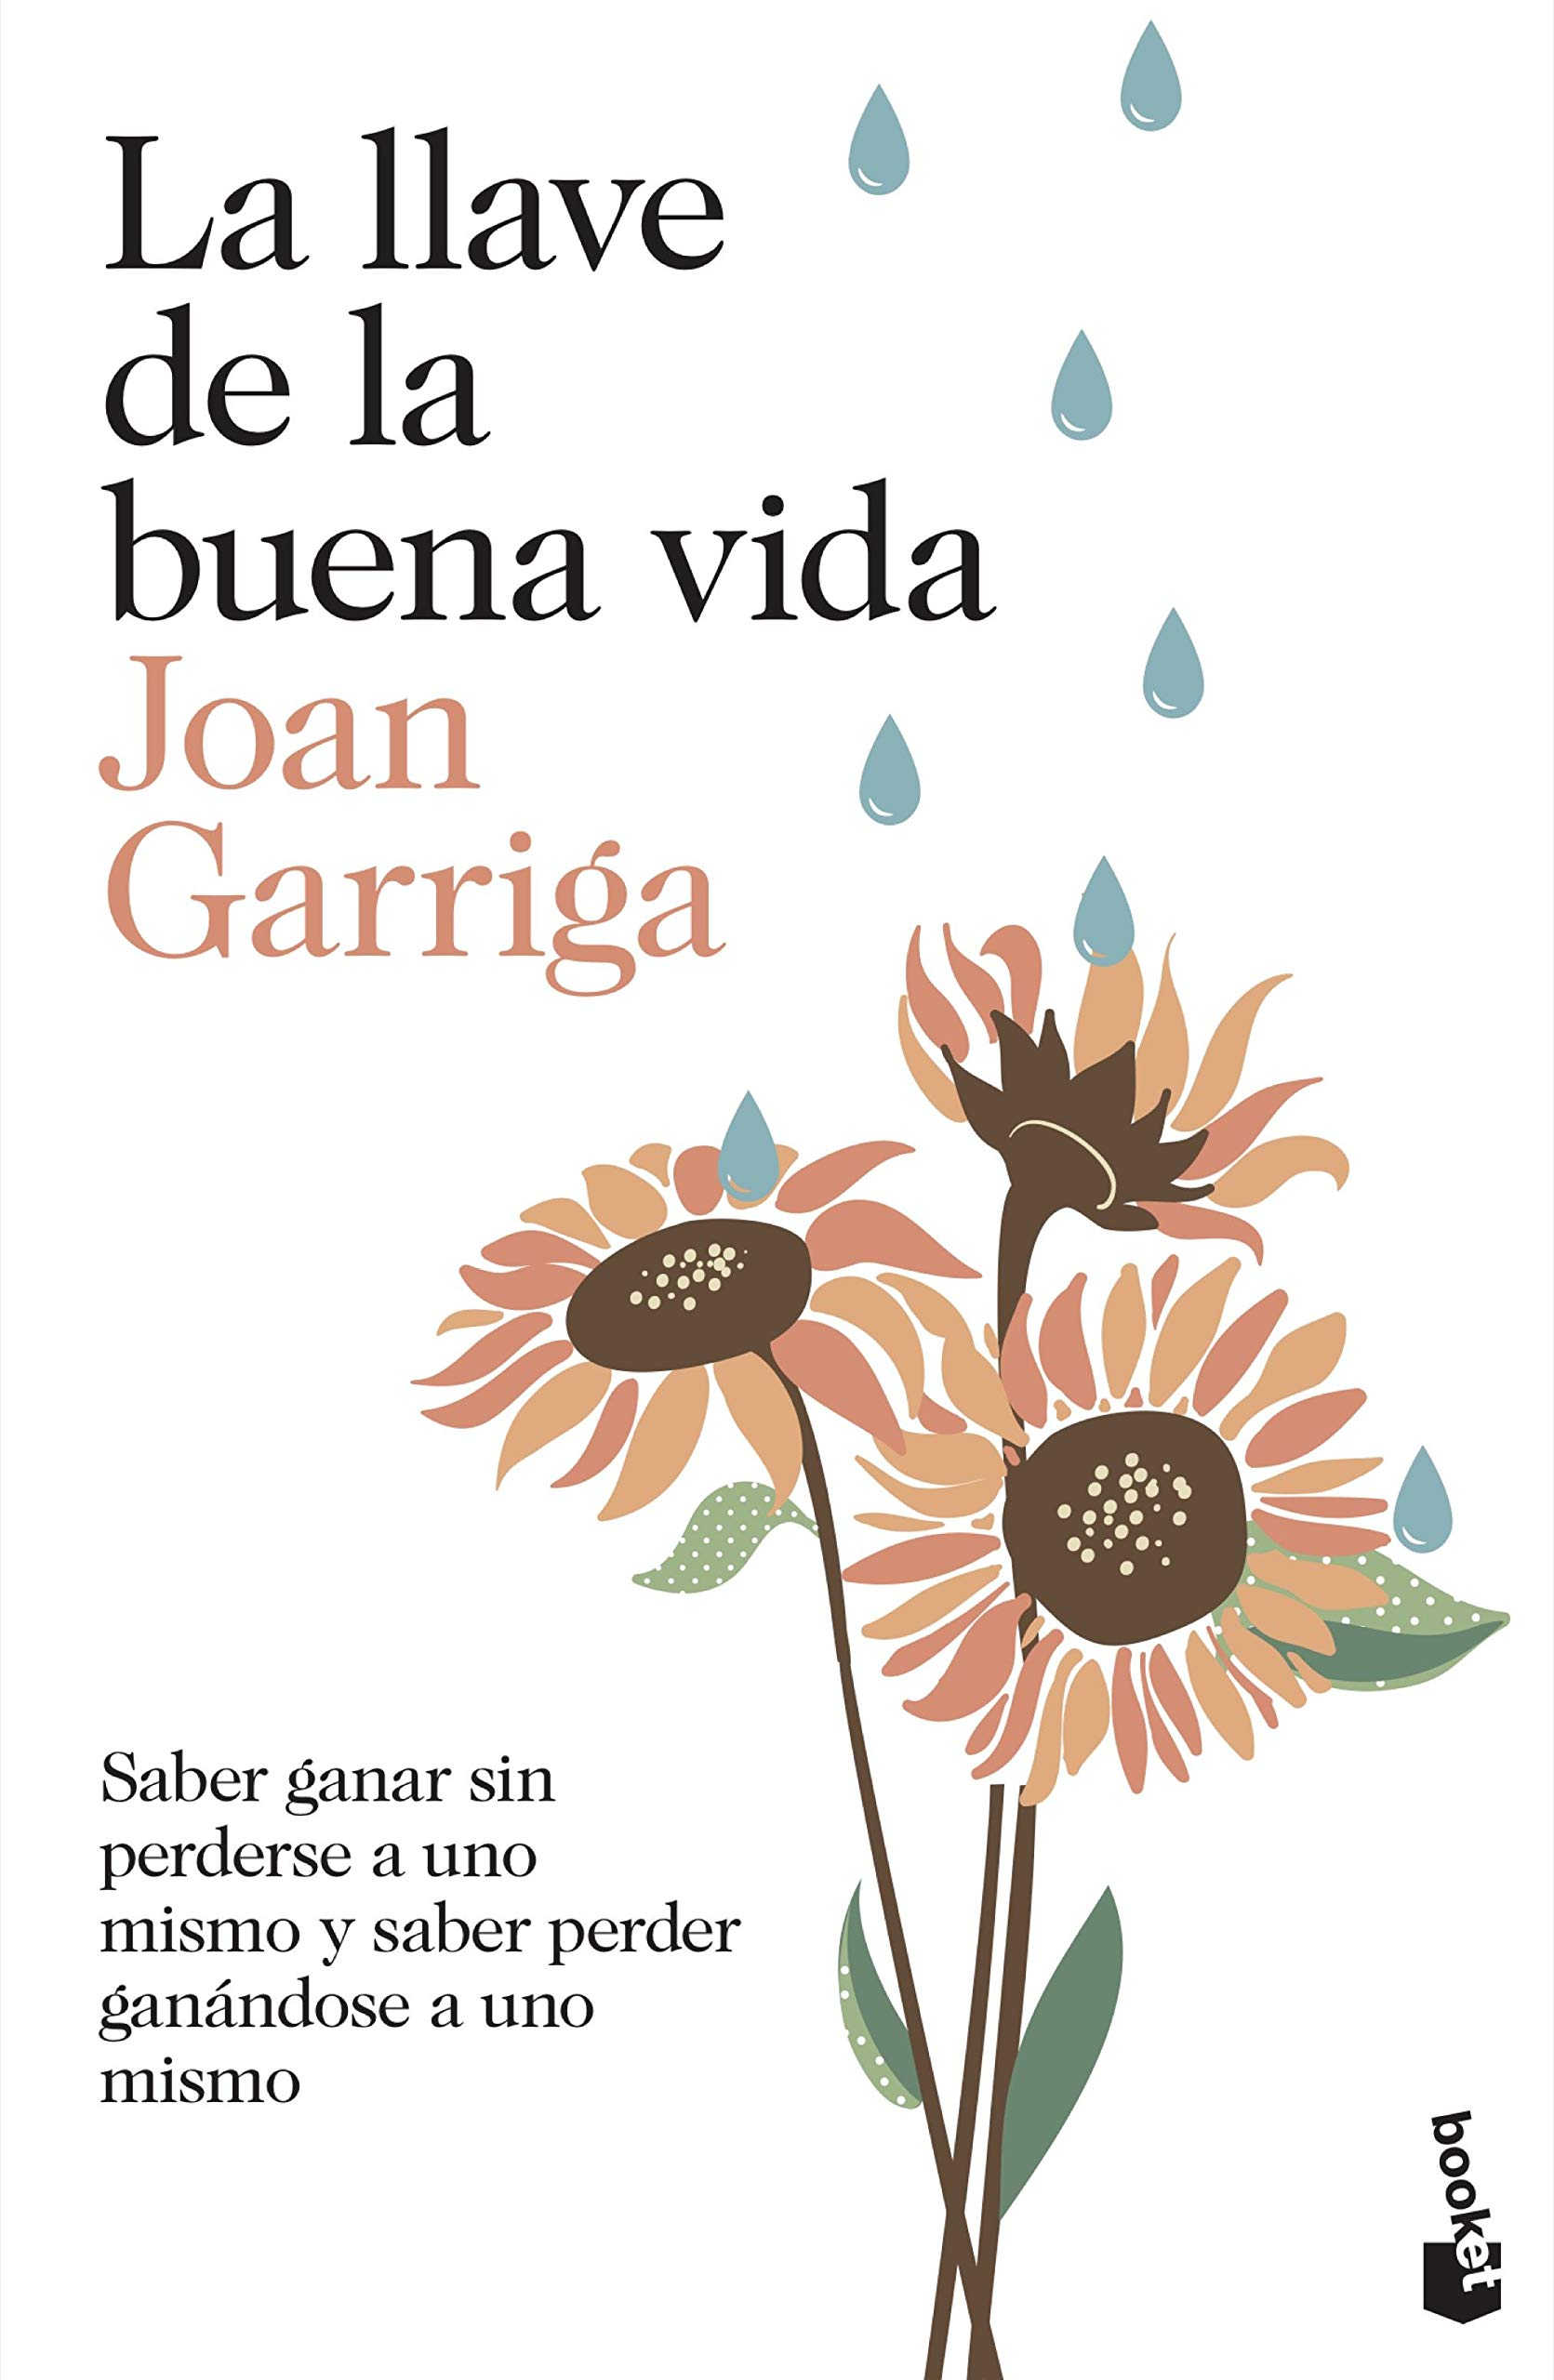 La llave de la buena vida: Saber ganar sin perderse a uno mismo y saber  perder ganándose a uno mismo: 1 Prácticos: Amazon.es: Joan Garriga: Libros